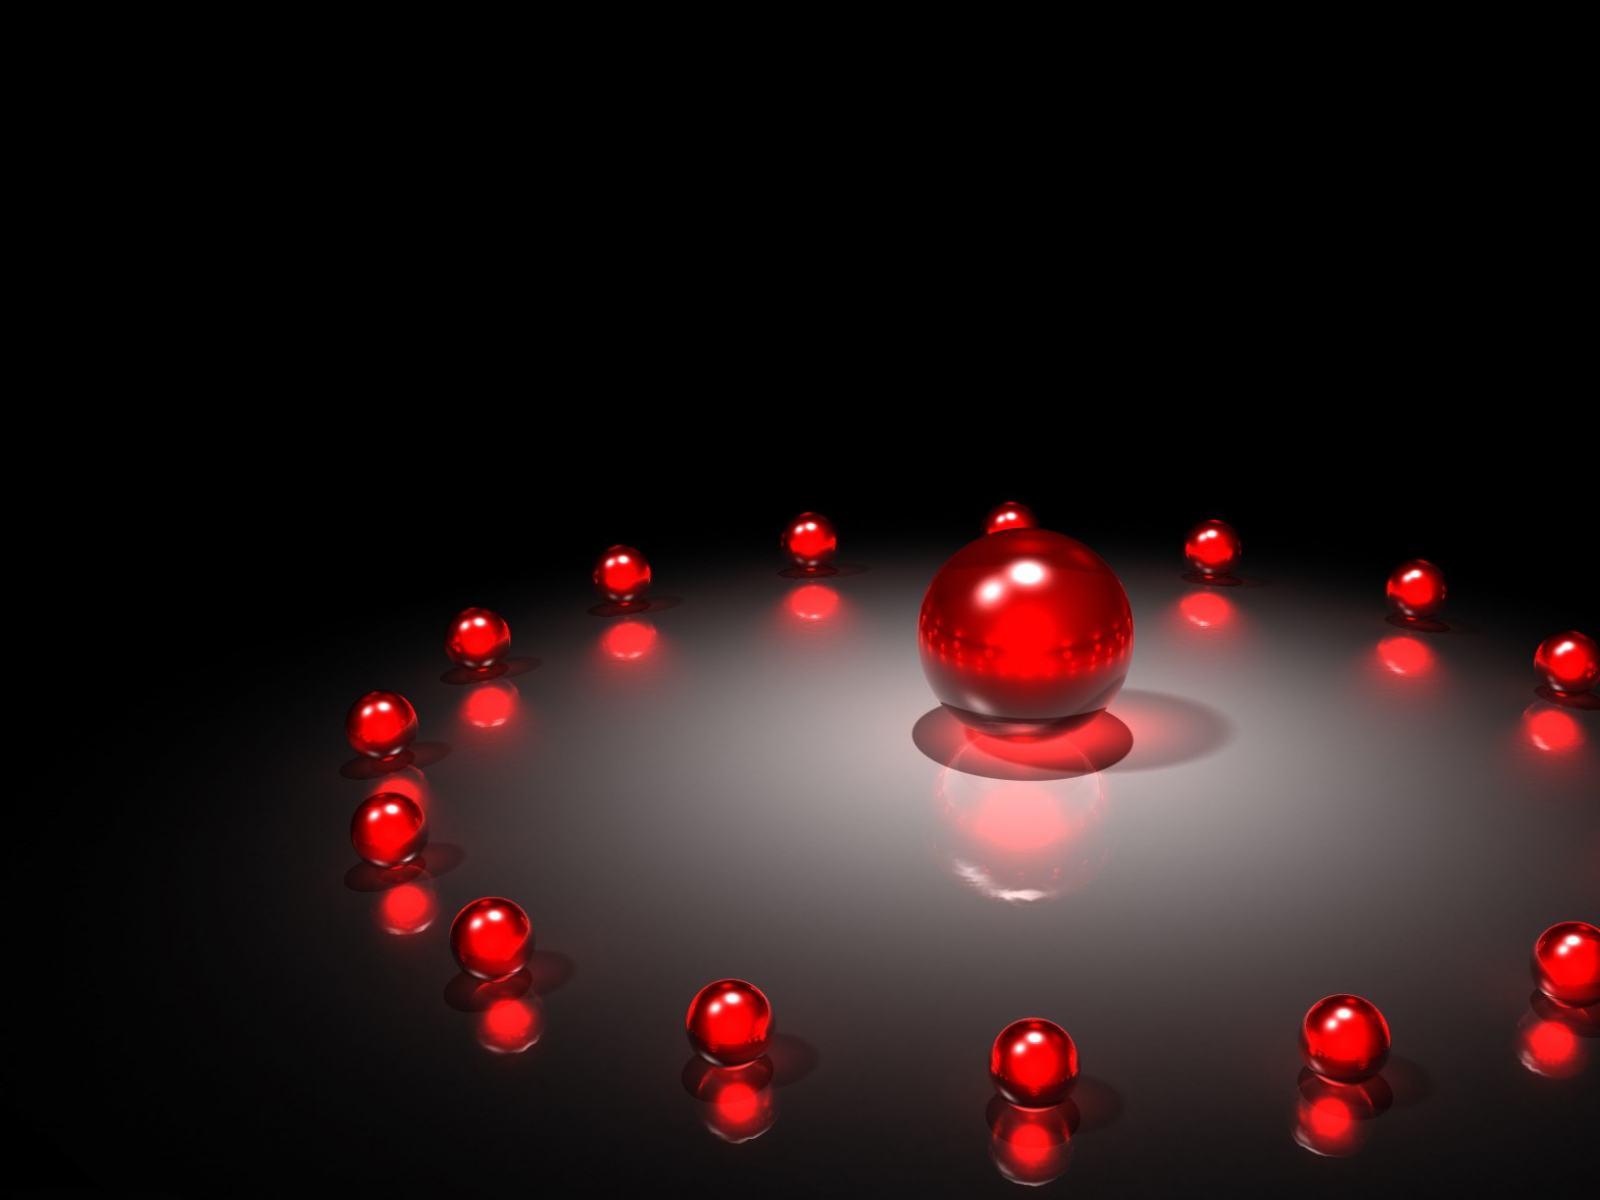 49149db5469 Скачать обои Красные стеклянные шары - 3D композиция на рабочий стол  1600x1200